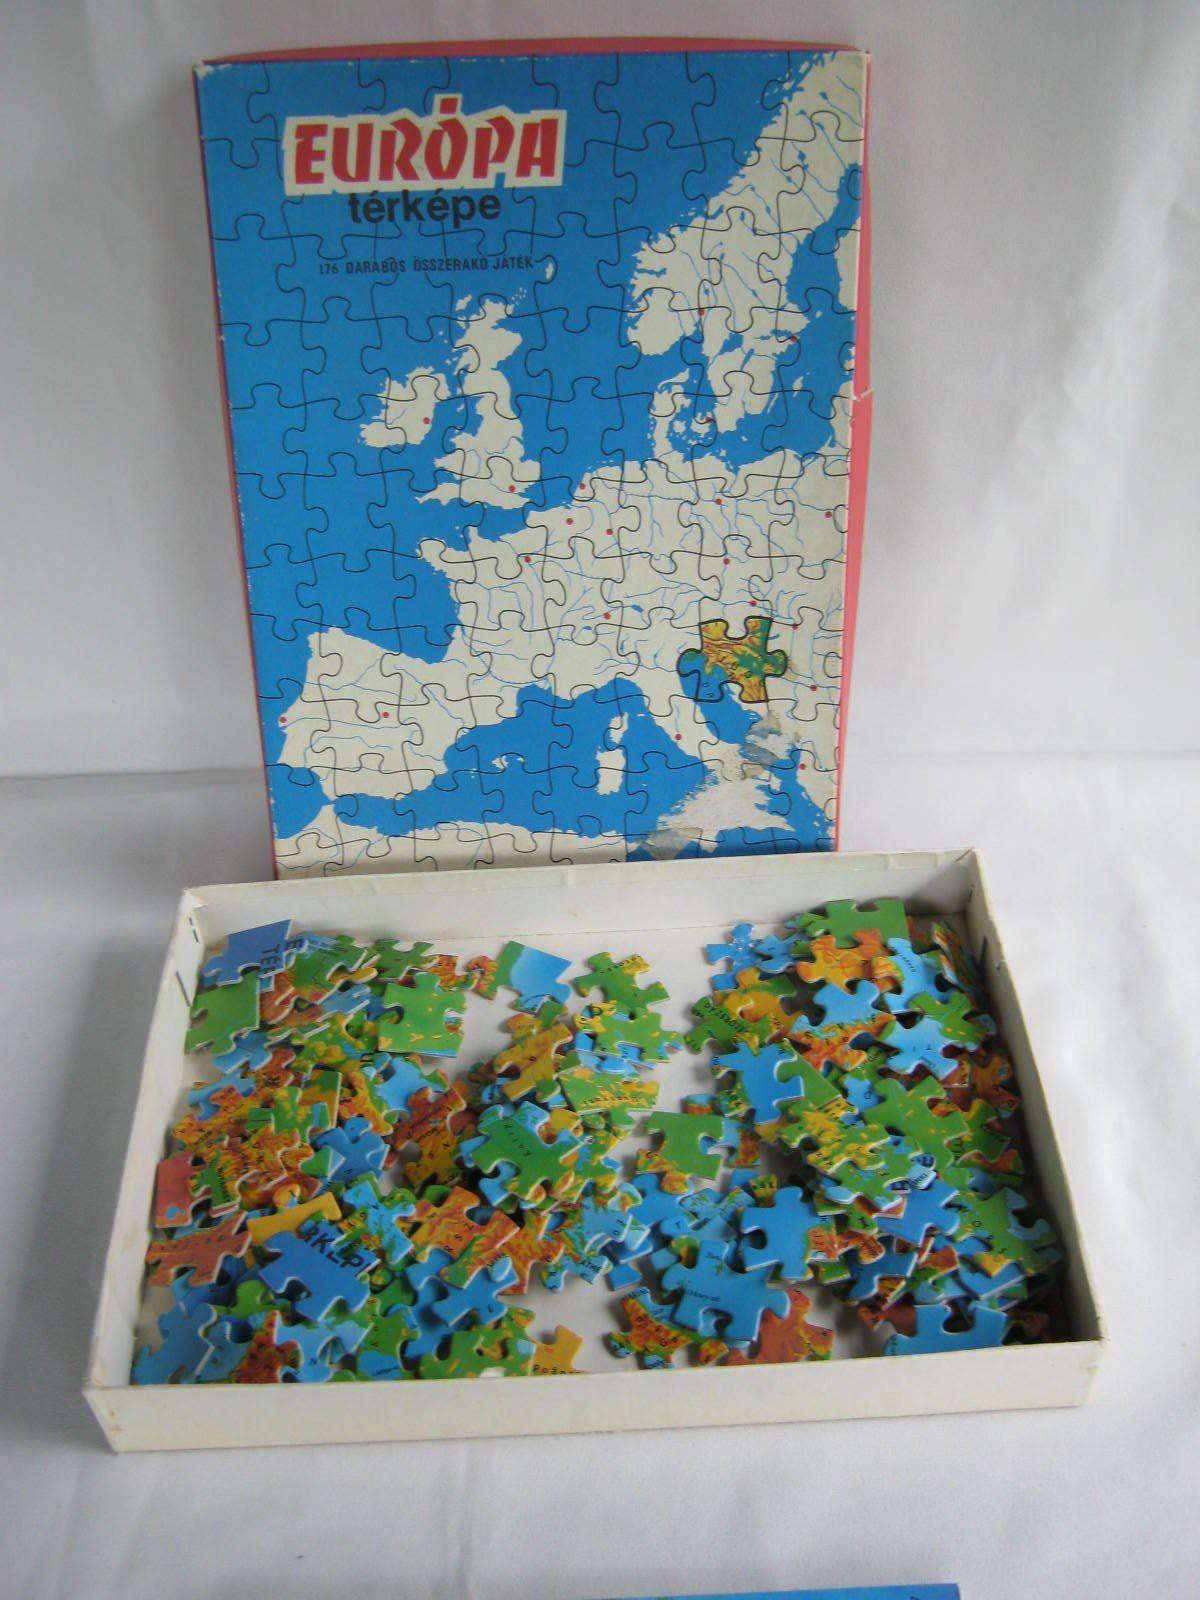 36f9626c94acec73bb5c03c7819bed3e-retro-europa-kirako-puzzle.jpg